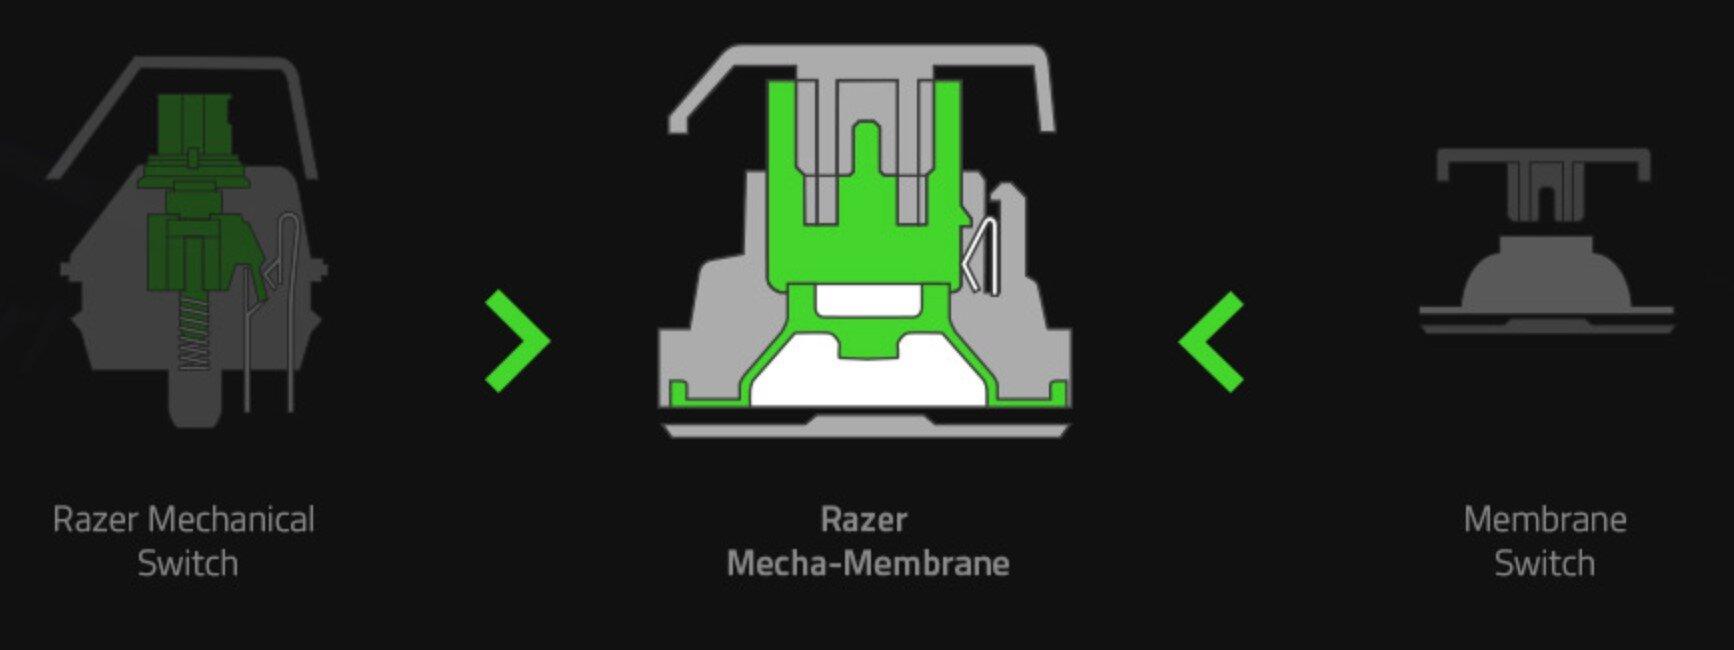 Querschnitt des Razer Mech-Membran-Tasters